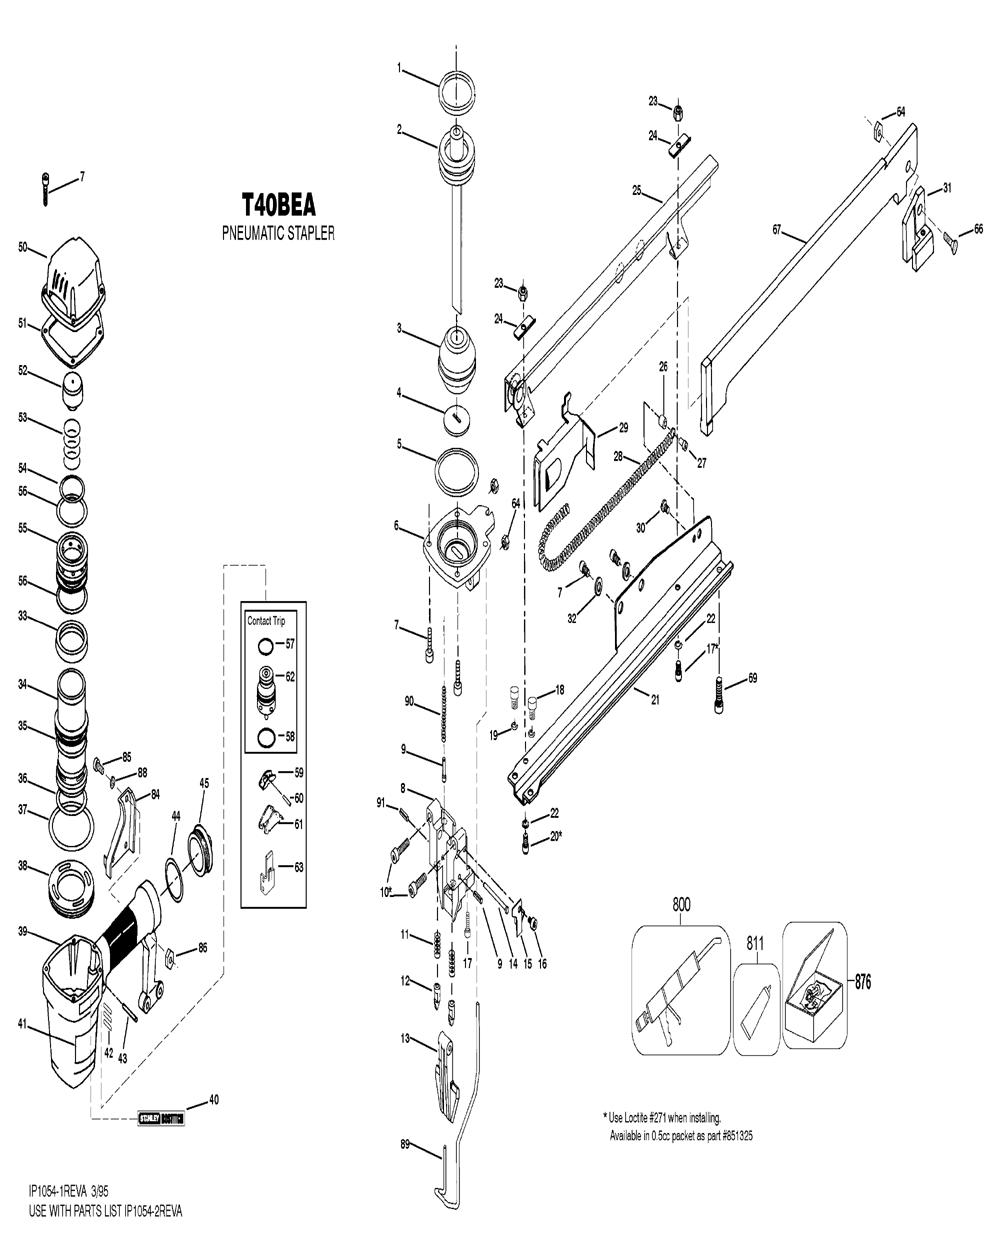 spring schematic